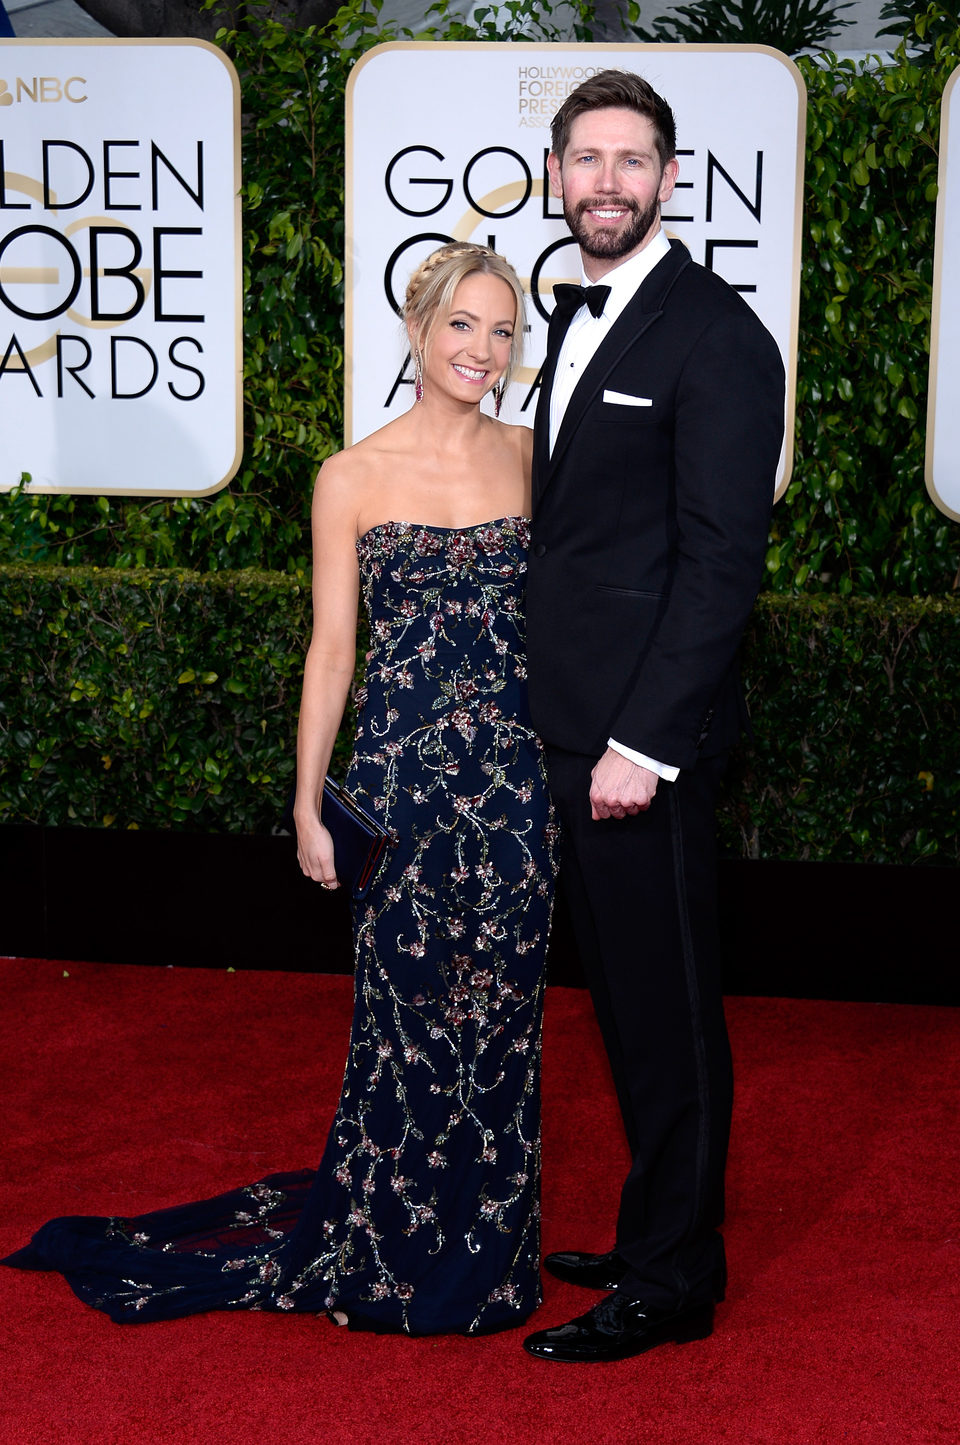 Joanne Froggatt y James Cannon en la alfombra roja de los Globos de Oro 2015